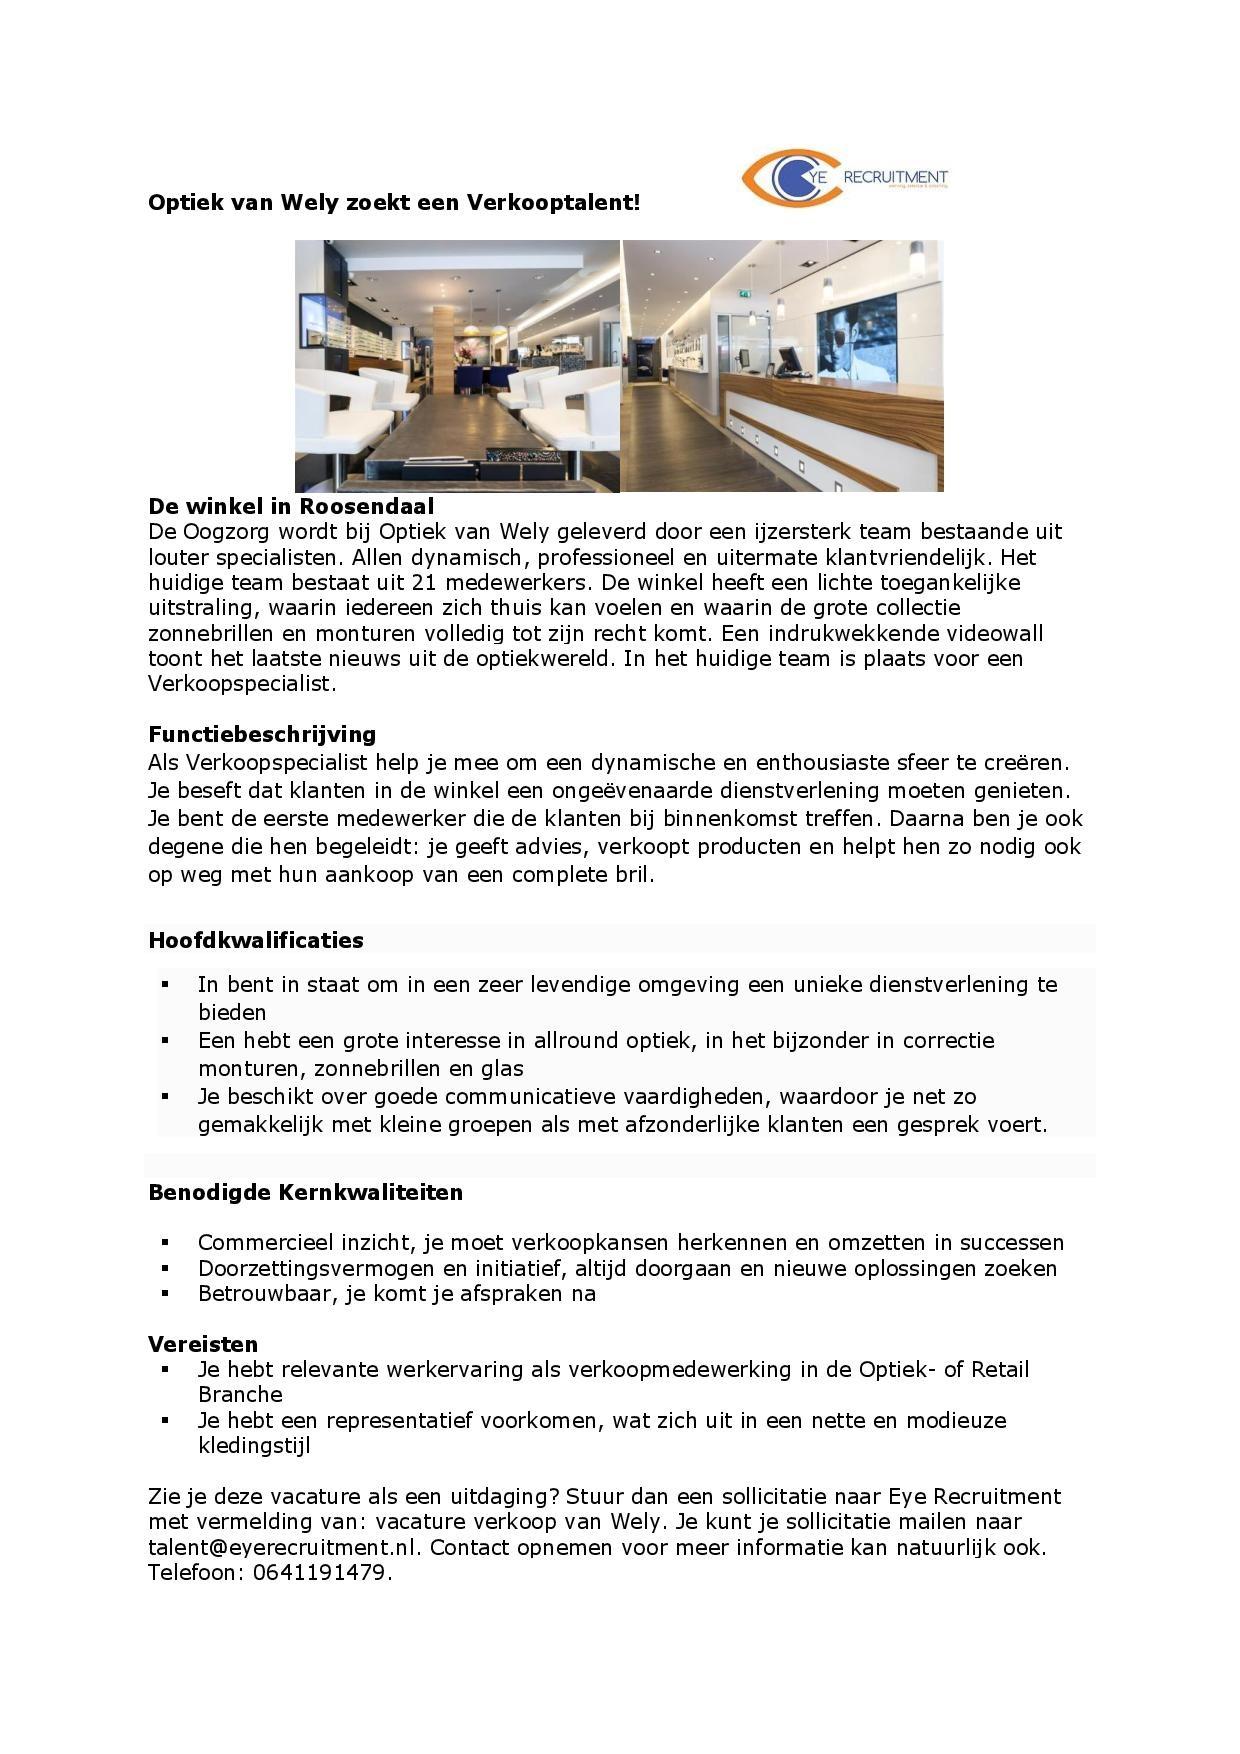 vacature van Wely verkoop-page-001 (1)